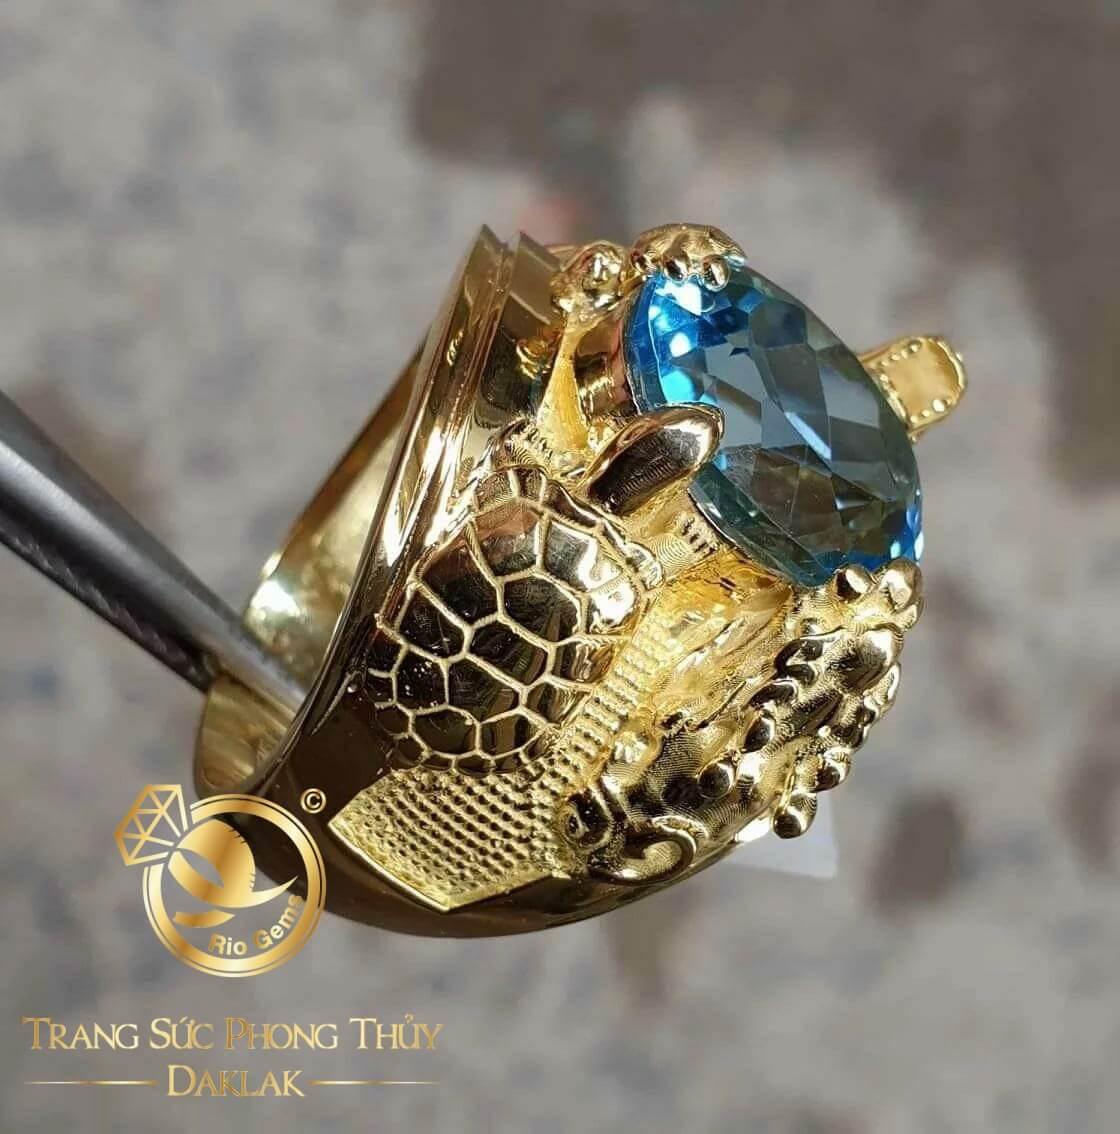 Nhan-Tu-Linh-chau-ngoc-Sapphire-xanh-VS-Topaz-8li-Riogems